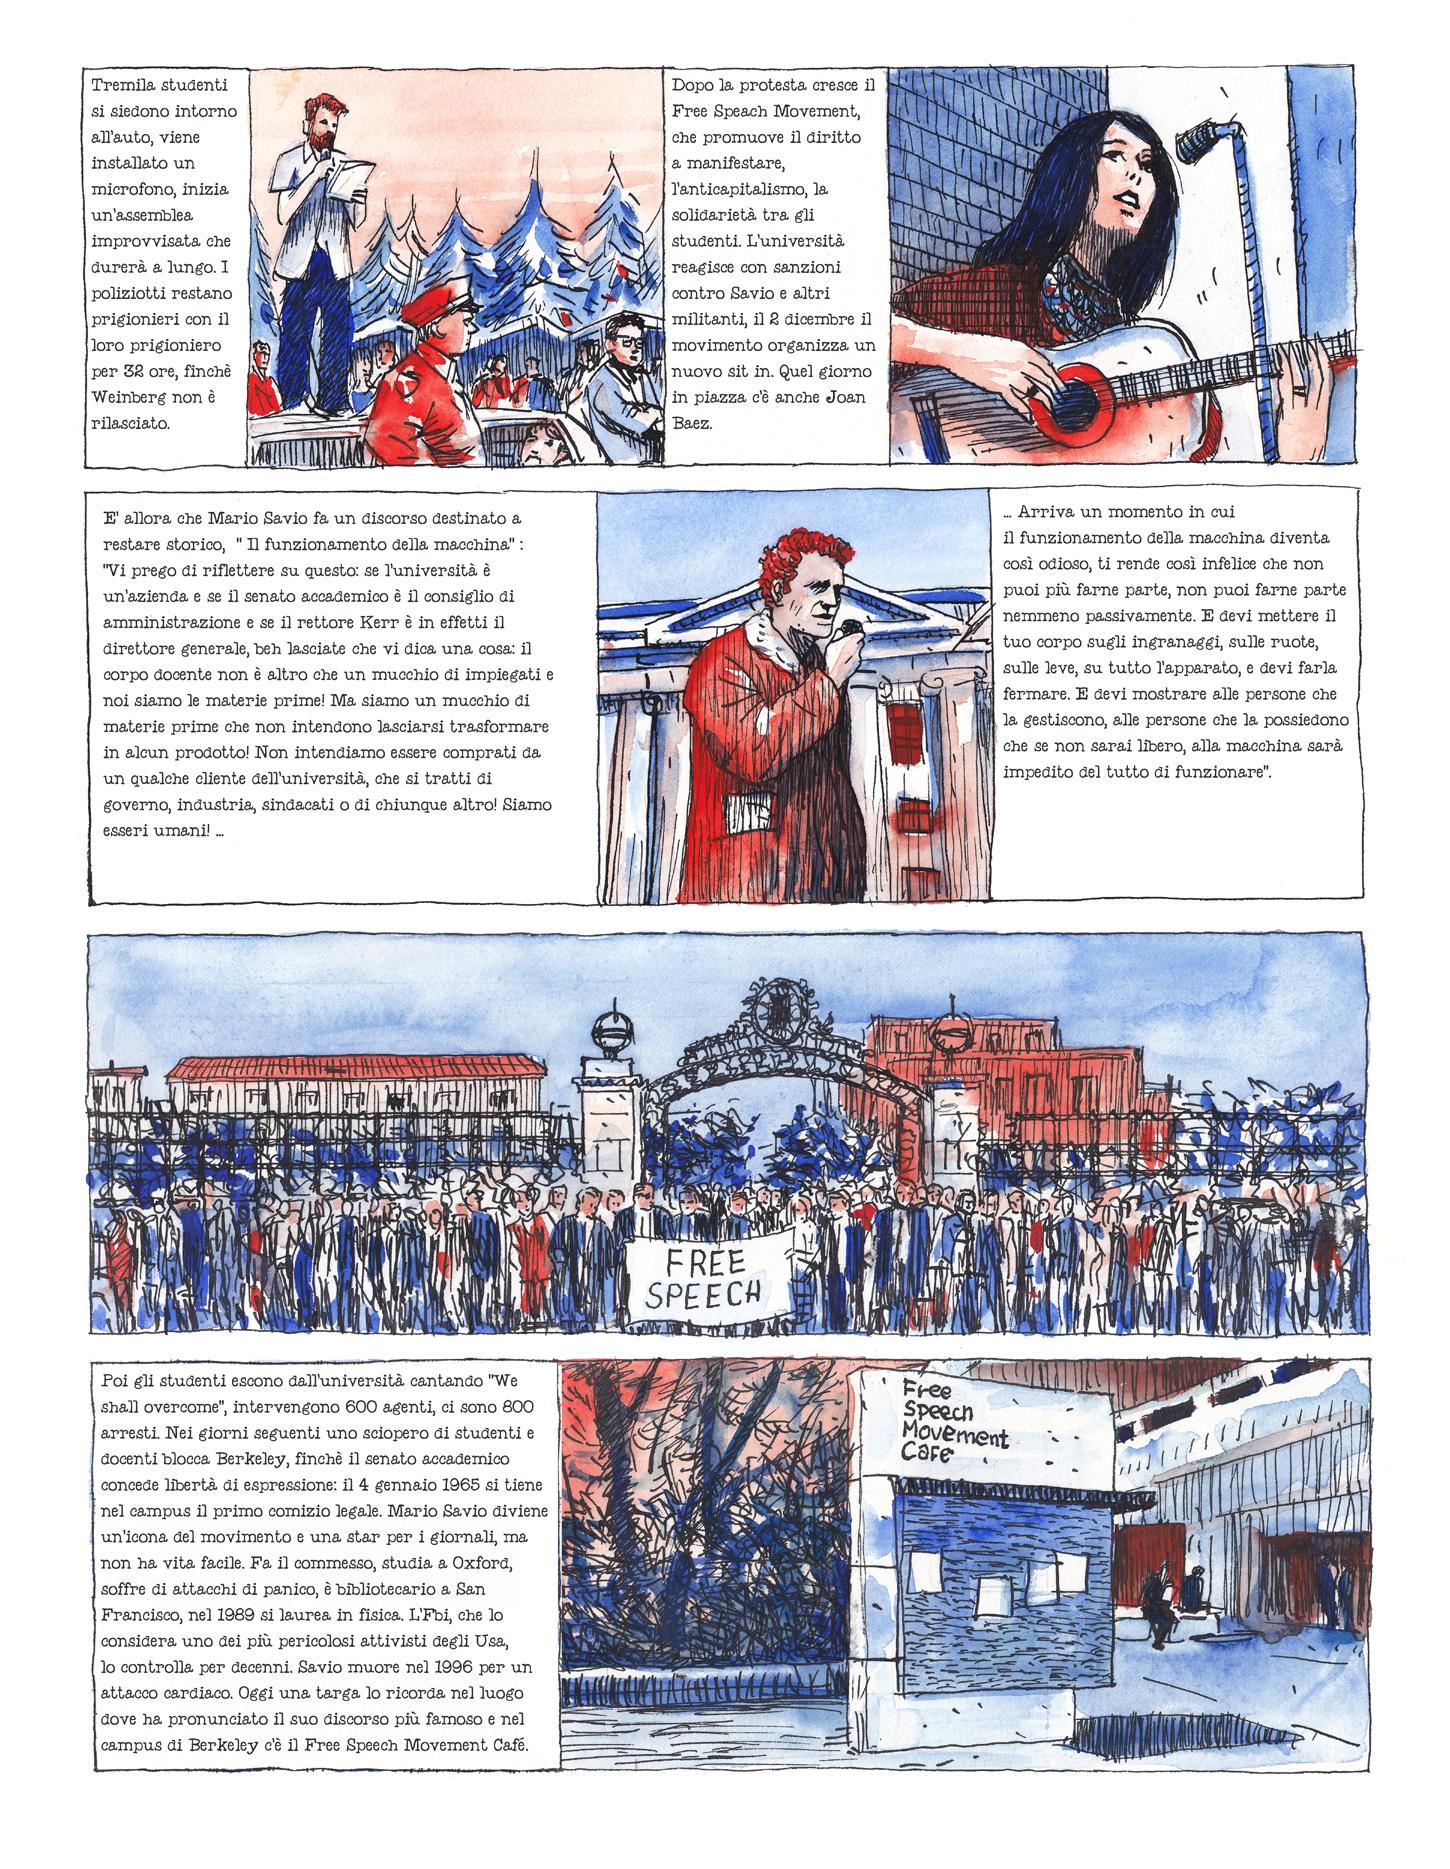 graphic novel about Mario Savio for  La Lettura.jpg